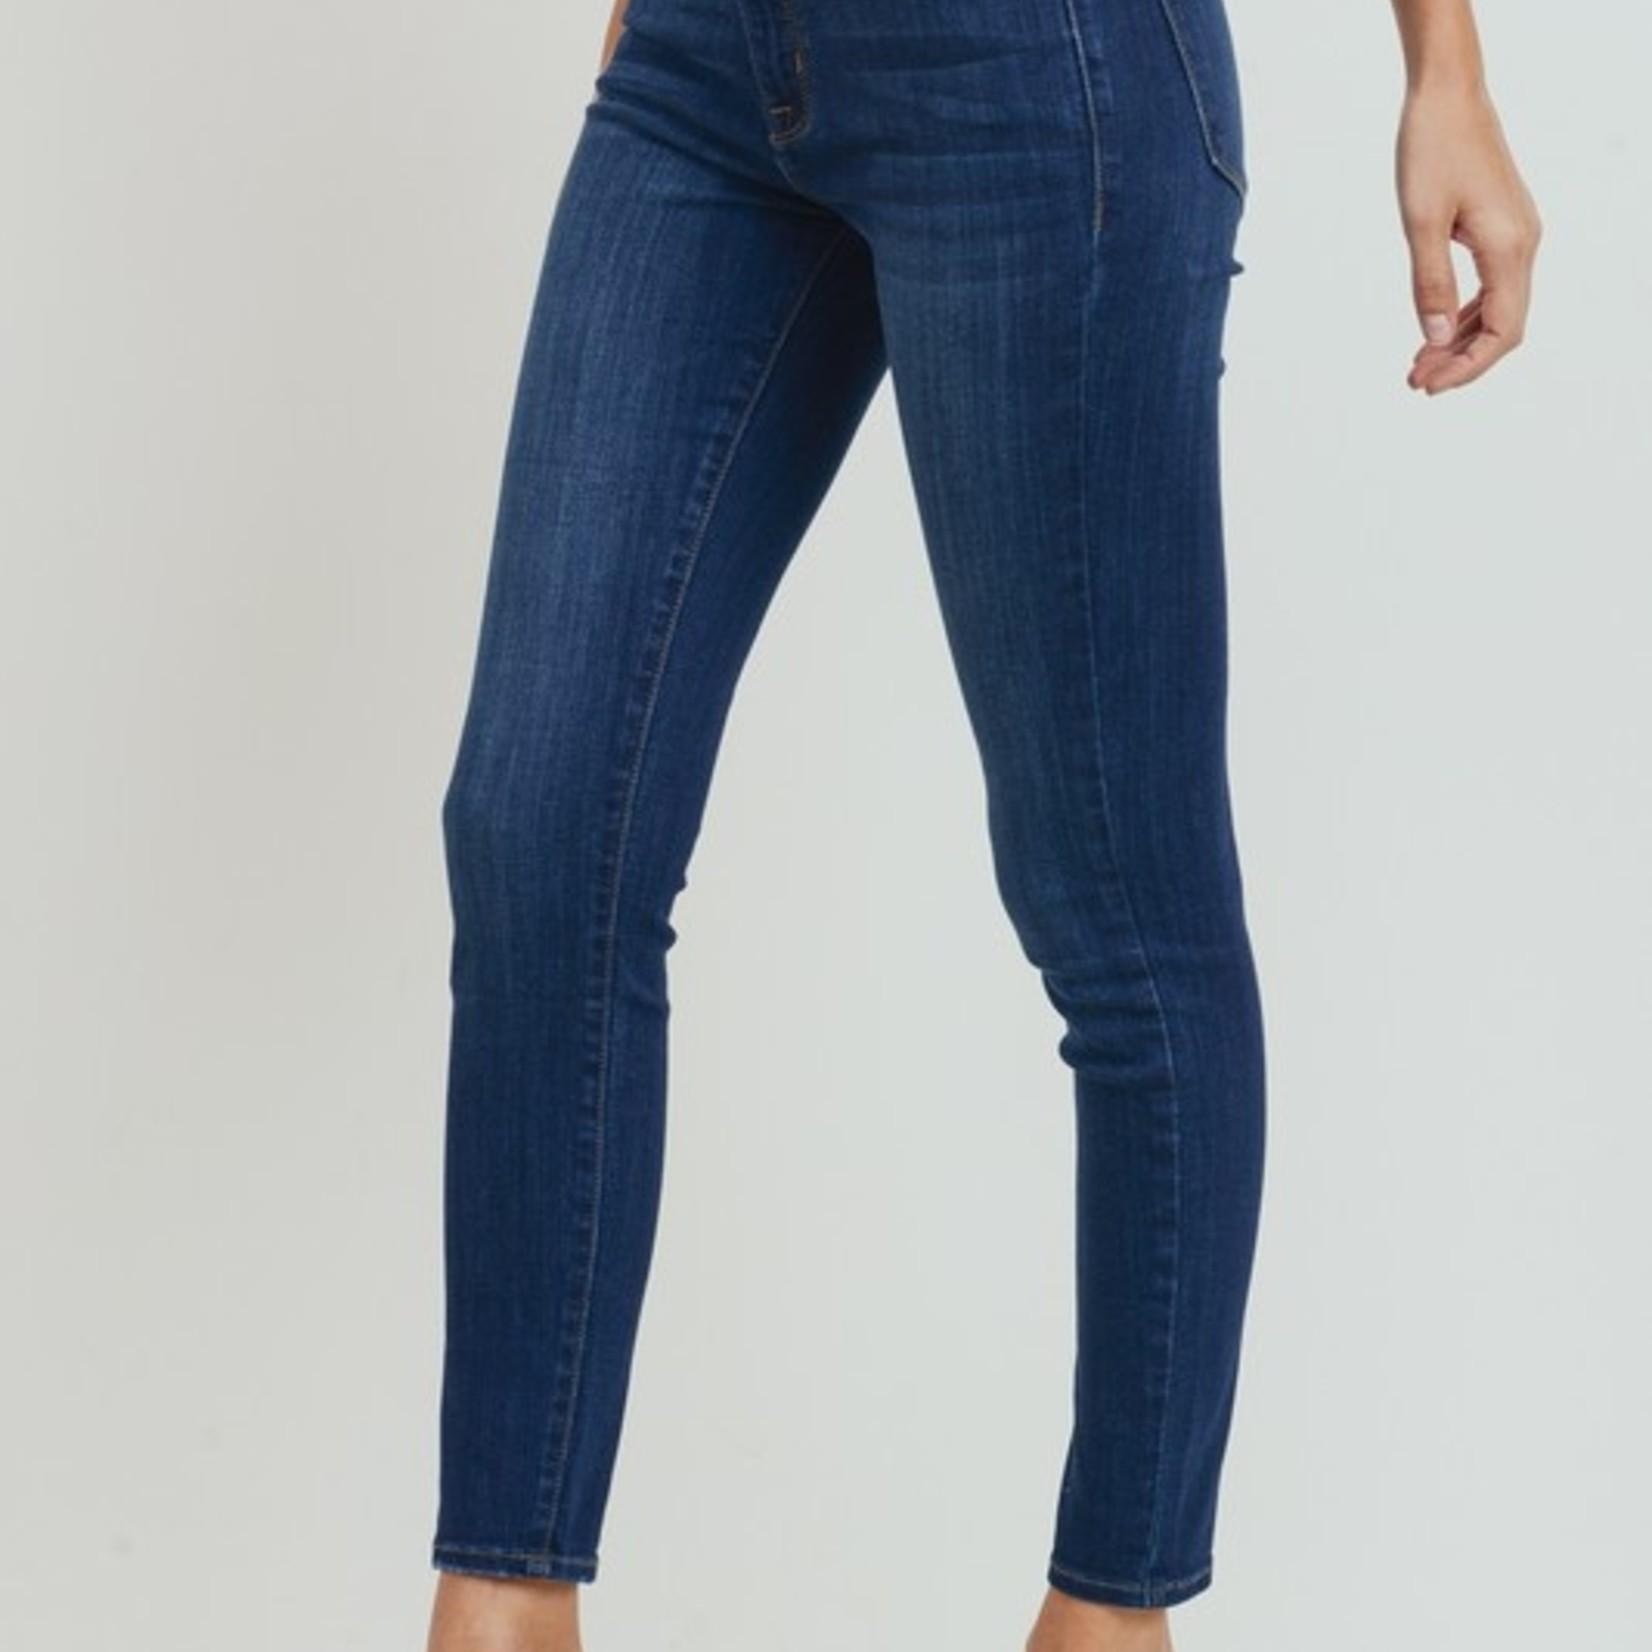 Jorden classic skinny jean